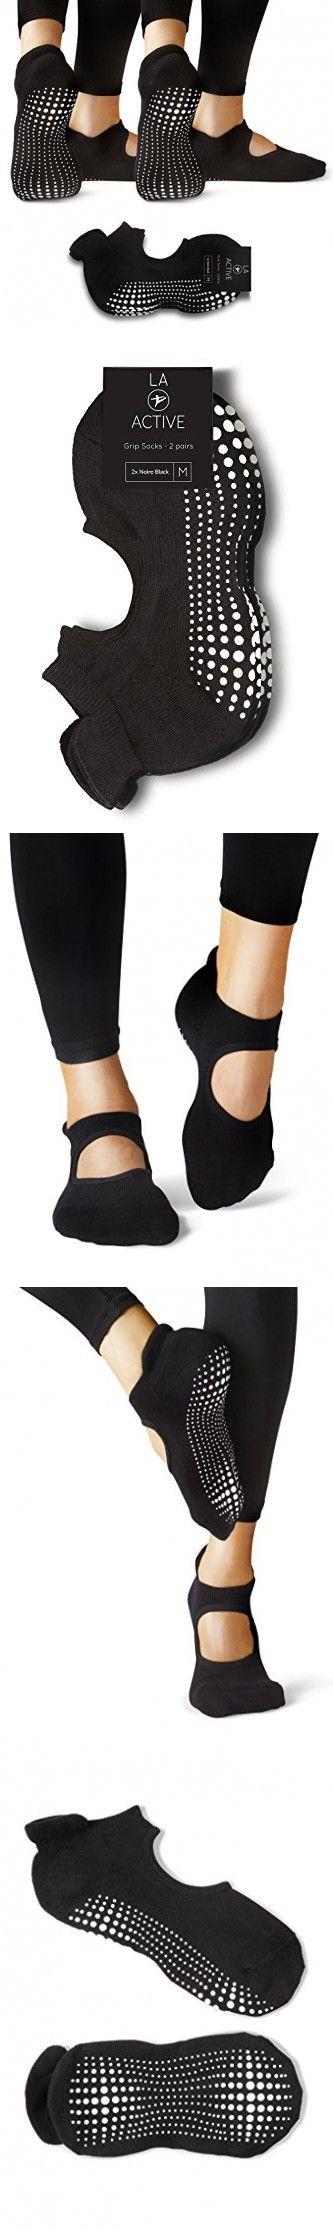 LA Active Grip Socks - 2 Pairs - Yoga Pilates Barre Ballet Non Slip (Noire Black and Noire Black)